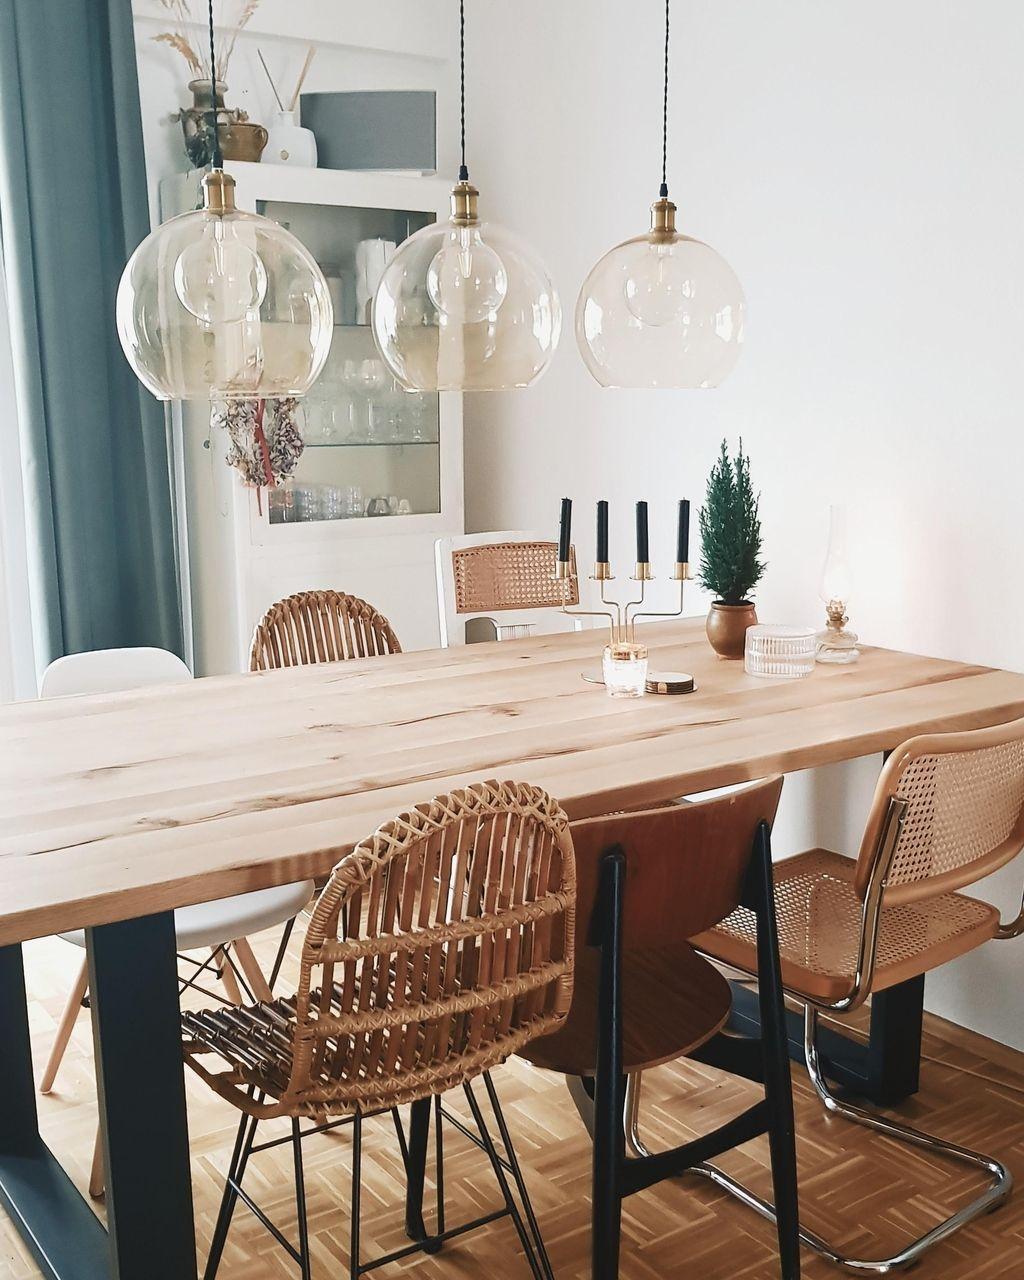 #livingroom #esstisch #interior #roominterior